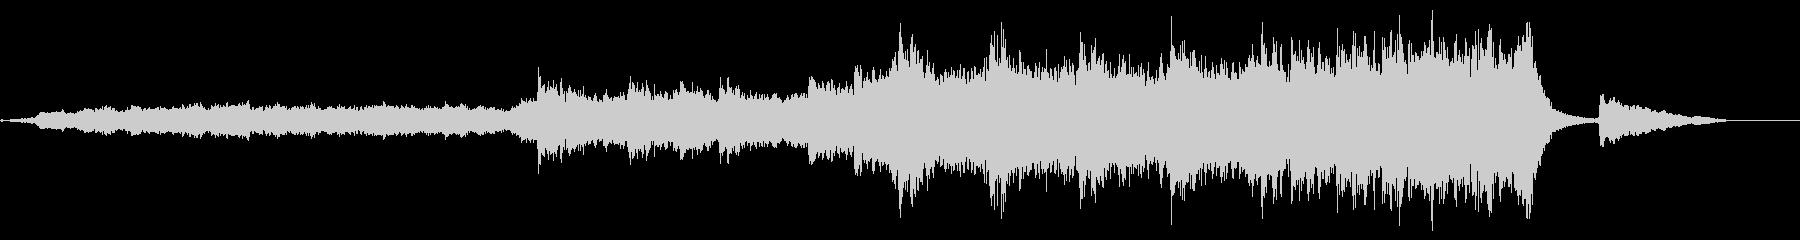 バンドアレンジの壮大な雰囲気のBGMの未再生の波形